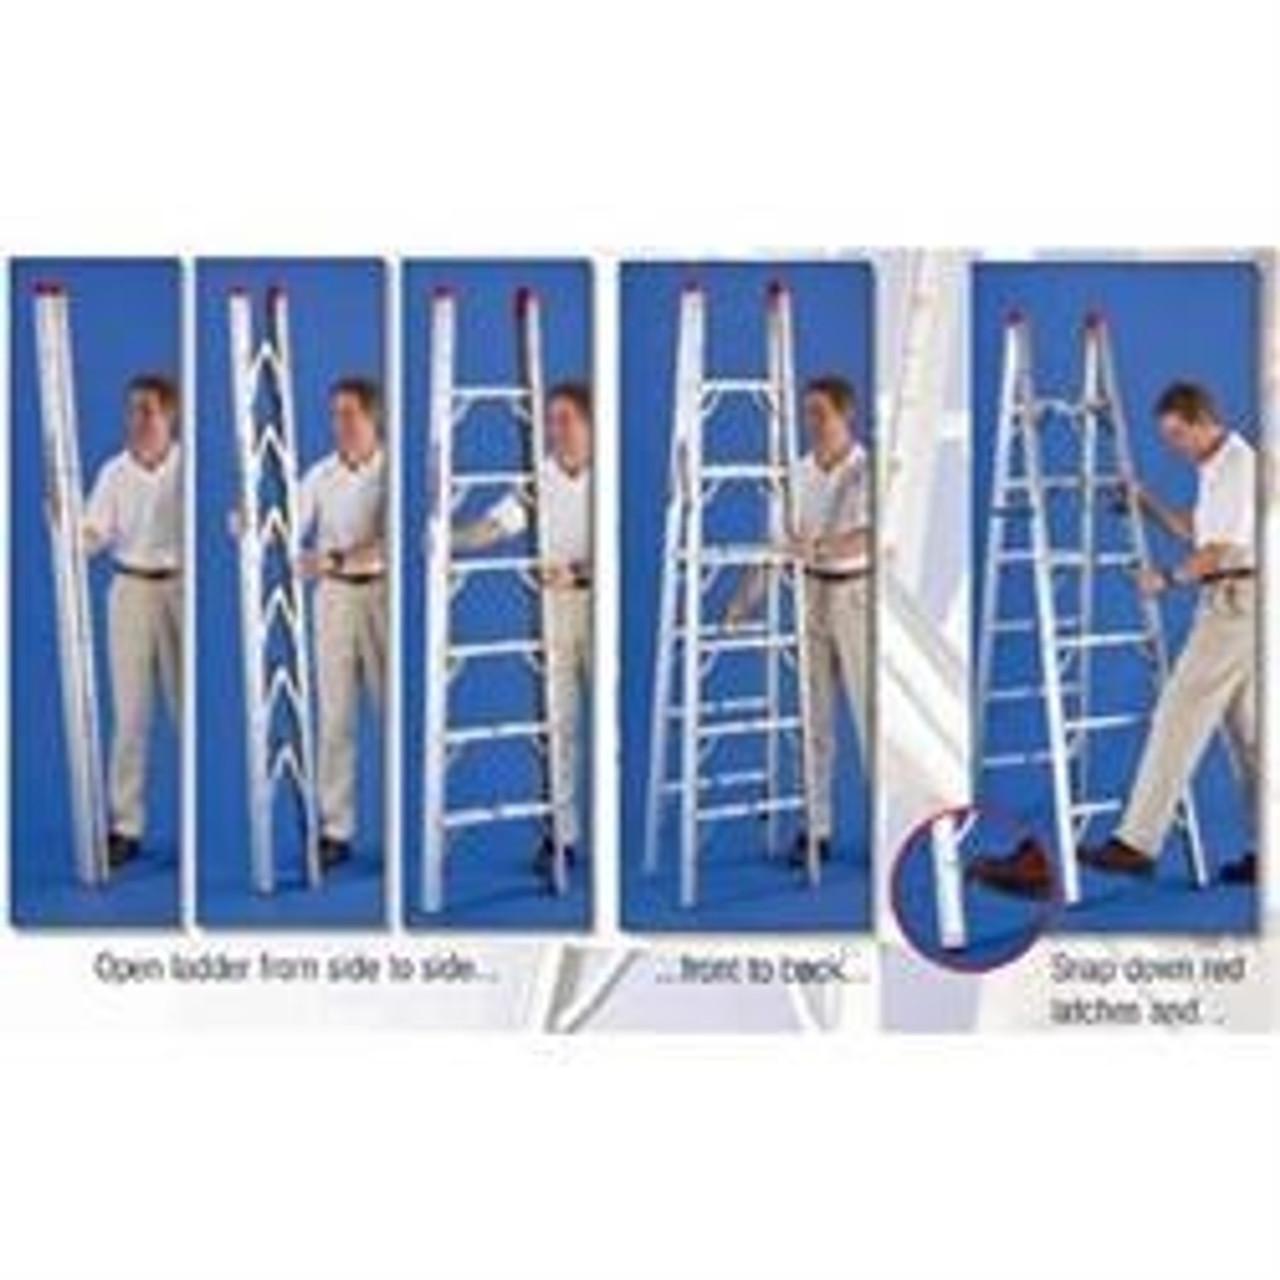 Bicycle Racks & Ladders